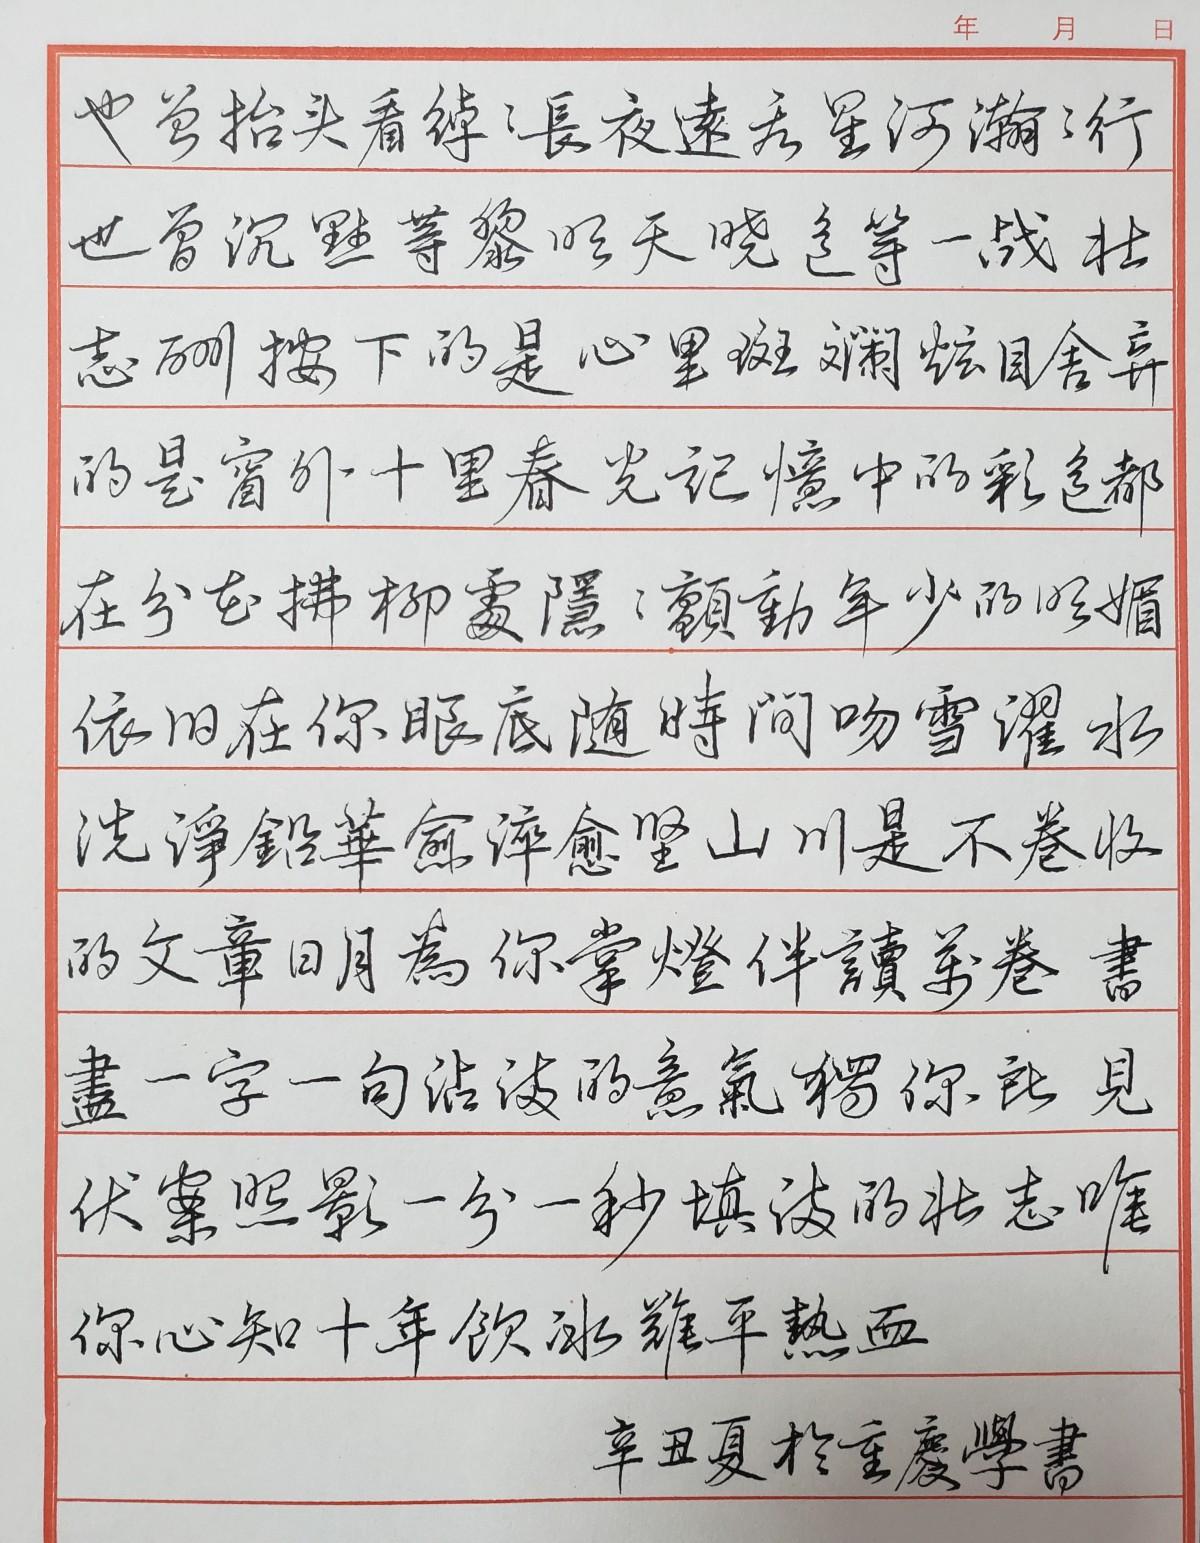 钢笔书法练字打卡20210803-11